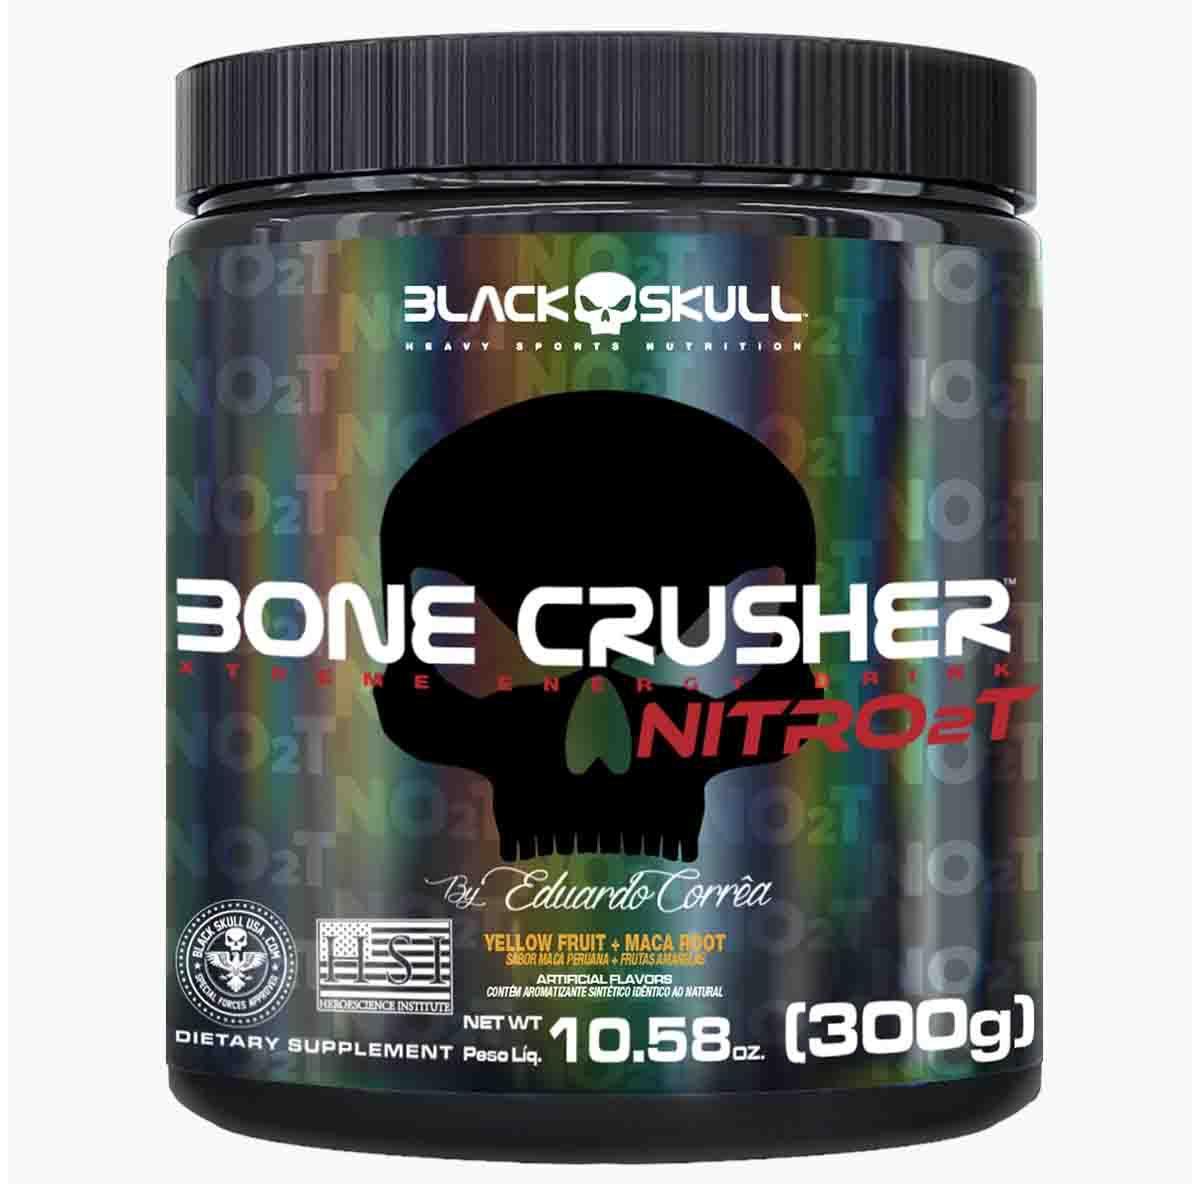 Bone Crusher Nitro 2T 300g - Black Skull